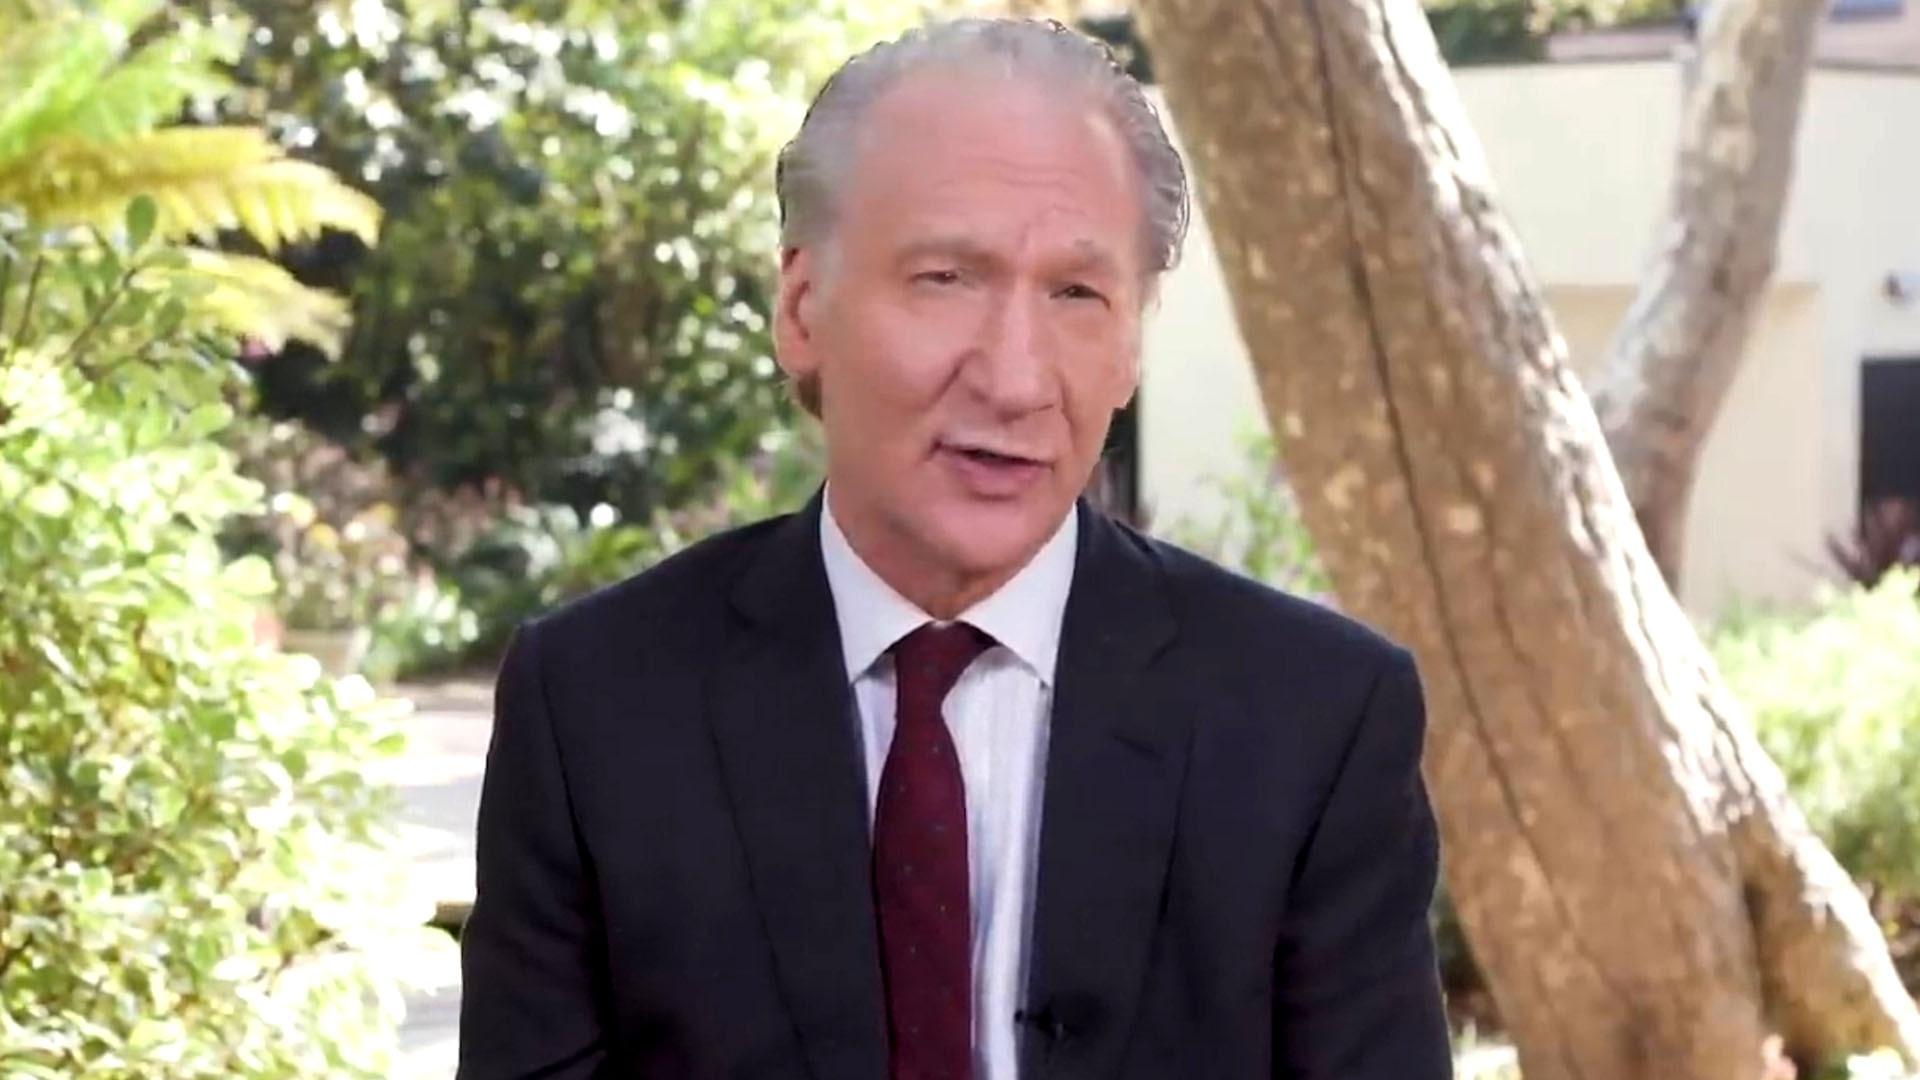 """El video viral de Bill Maher donde ridiculiza las cuarentenas y la """"nueva normalidad"""" para vencer al coronavirus - Infobae"""